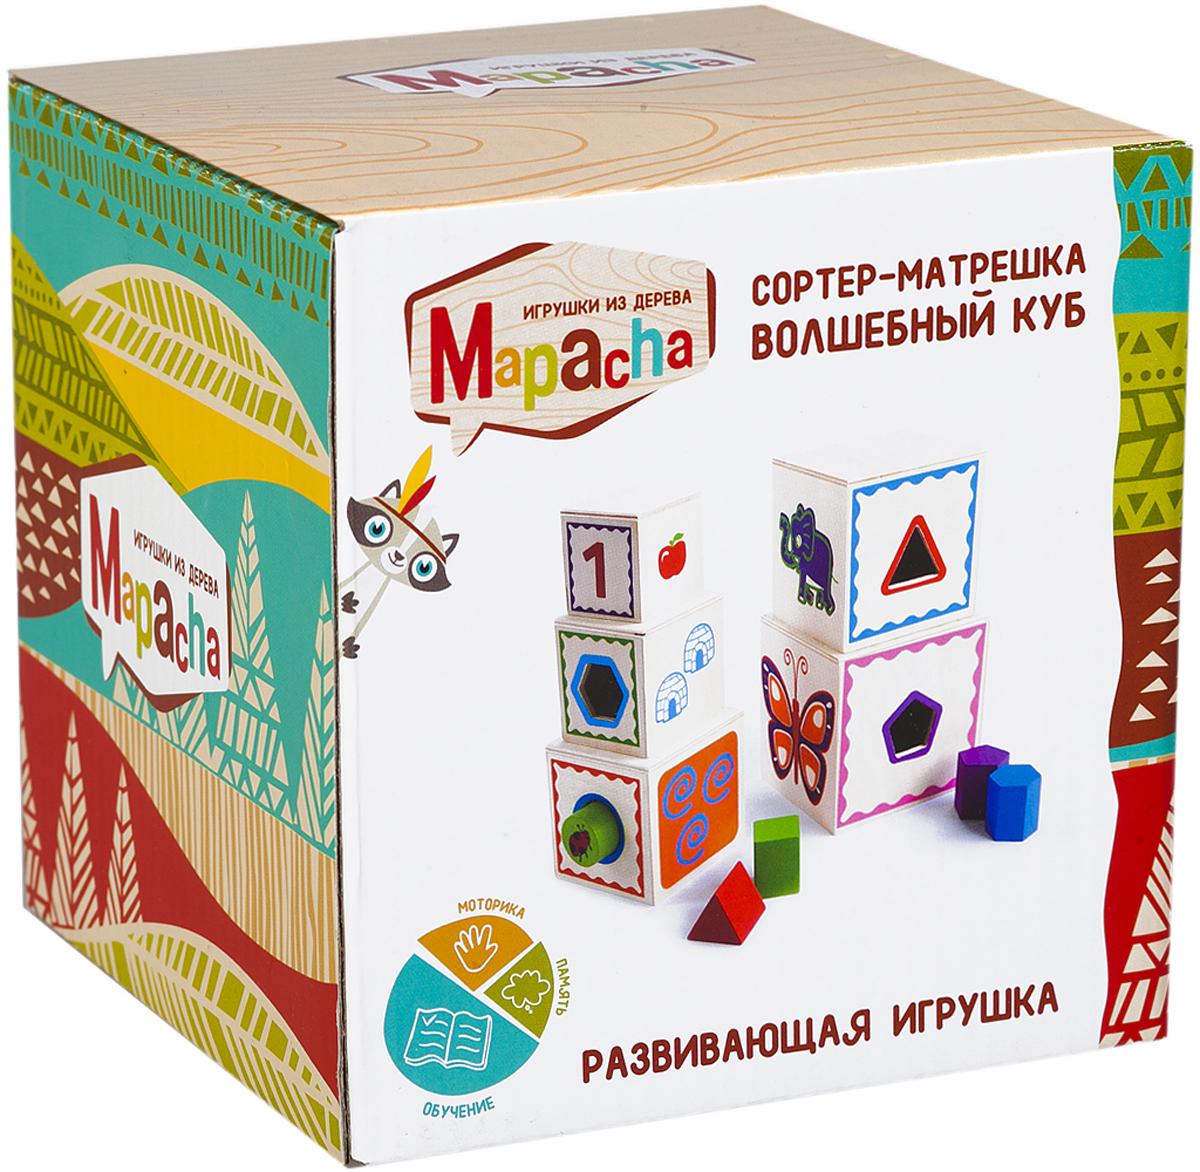 Mapacha Обучающая игра Сортер-матрешка Волшебный куб корвет обучающая игра волшебный поясок